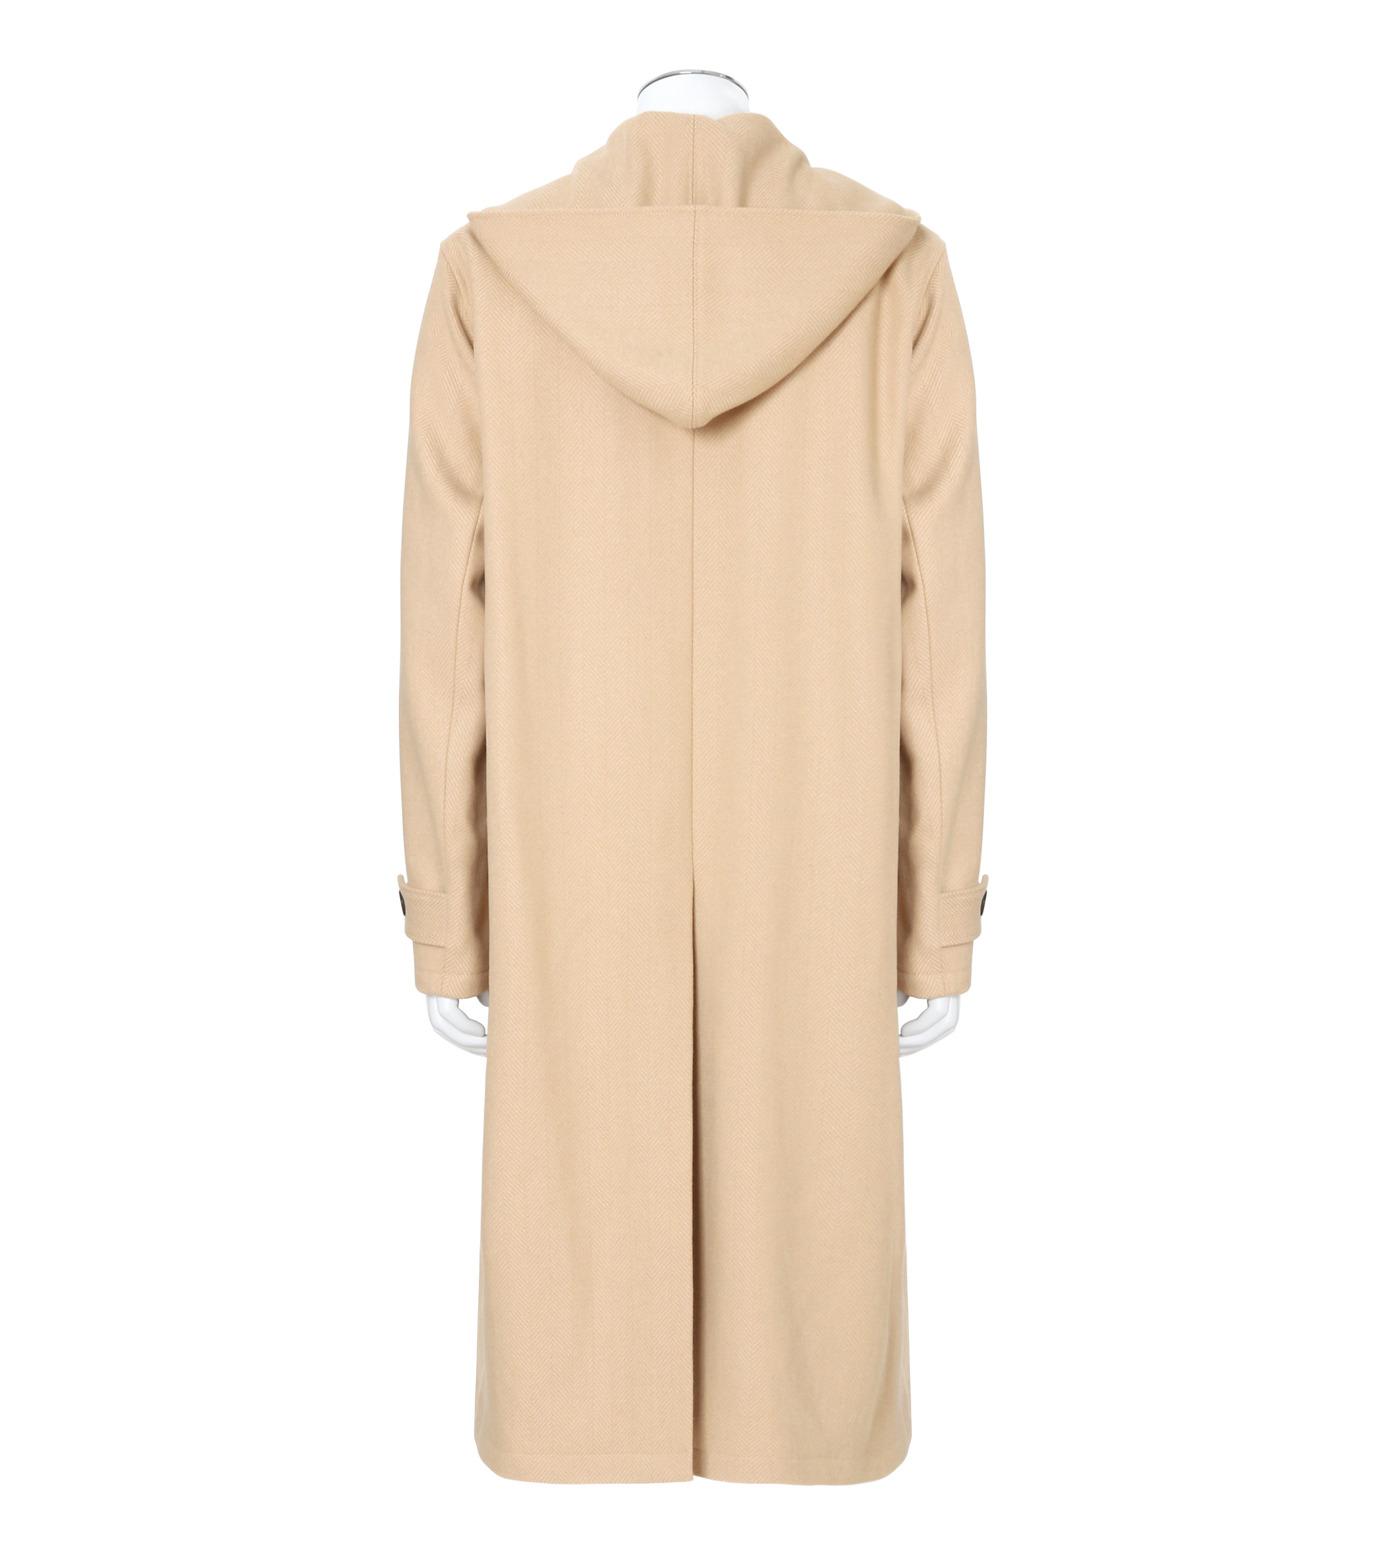 DRESSEDUNDRESSED(ドレスドアンドレスド)のMelton Wool Duffle Coat-BEIGE(コート/coat)-DUW16551-52 拡大詳細画像2